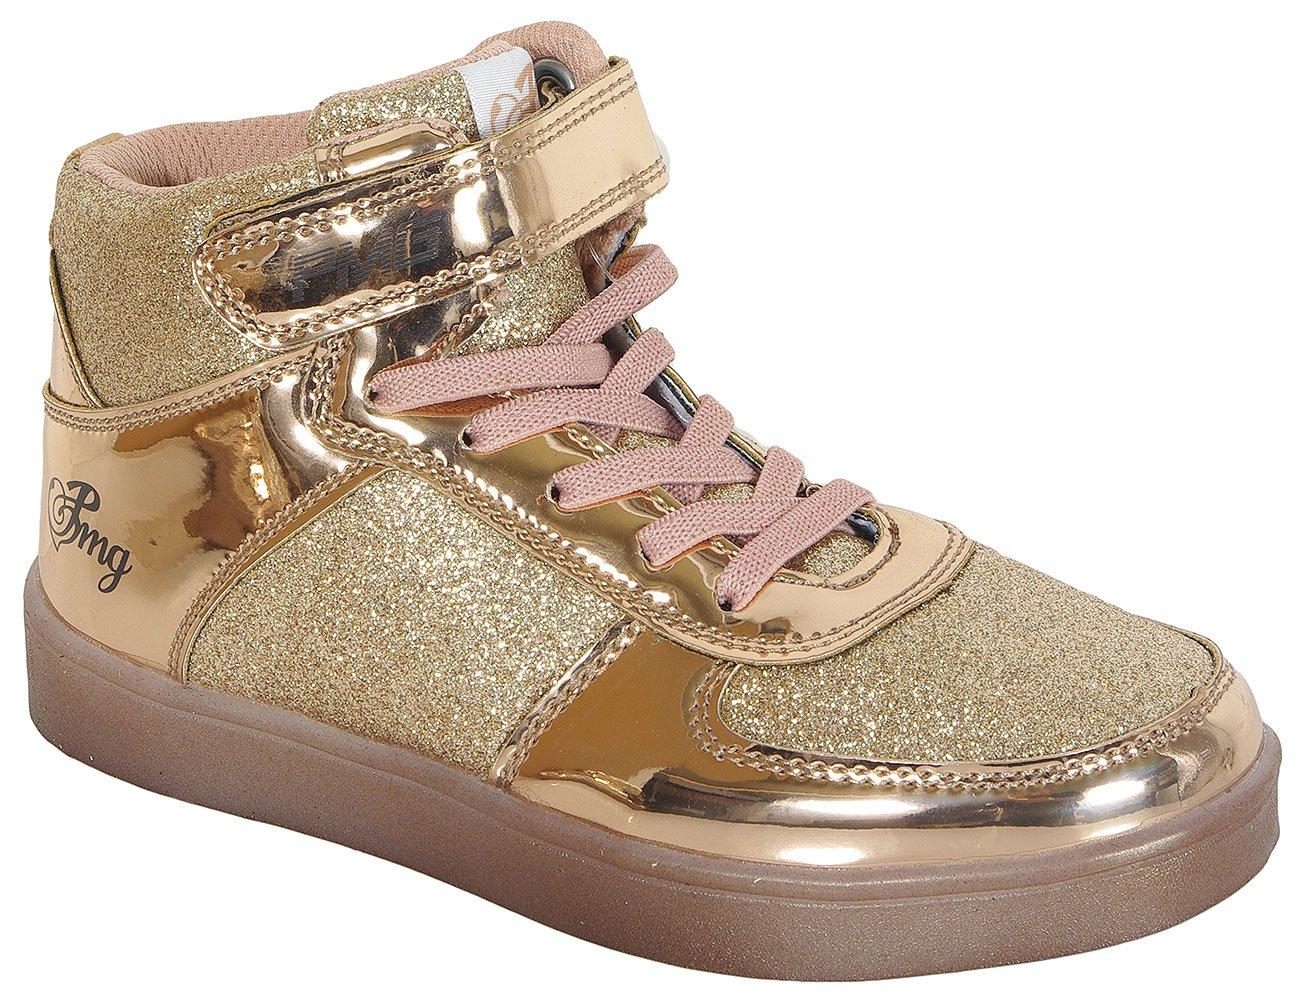 Primigi 83483 Lights Specchio/Glitt/Cipri sneakers